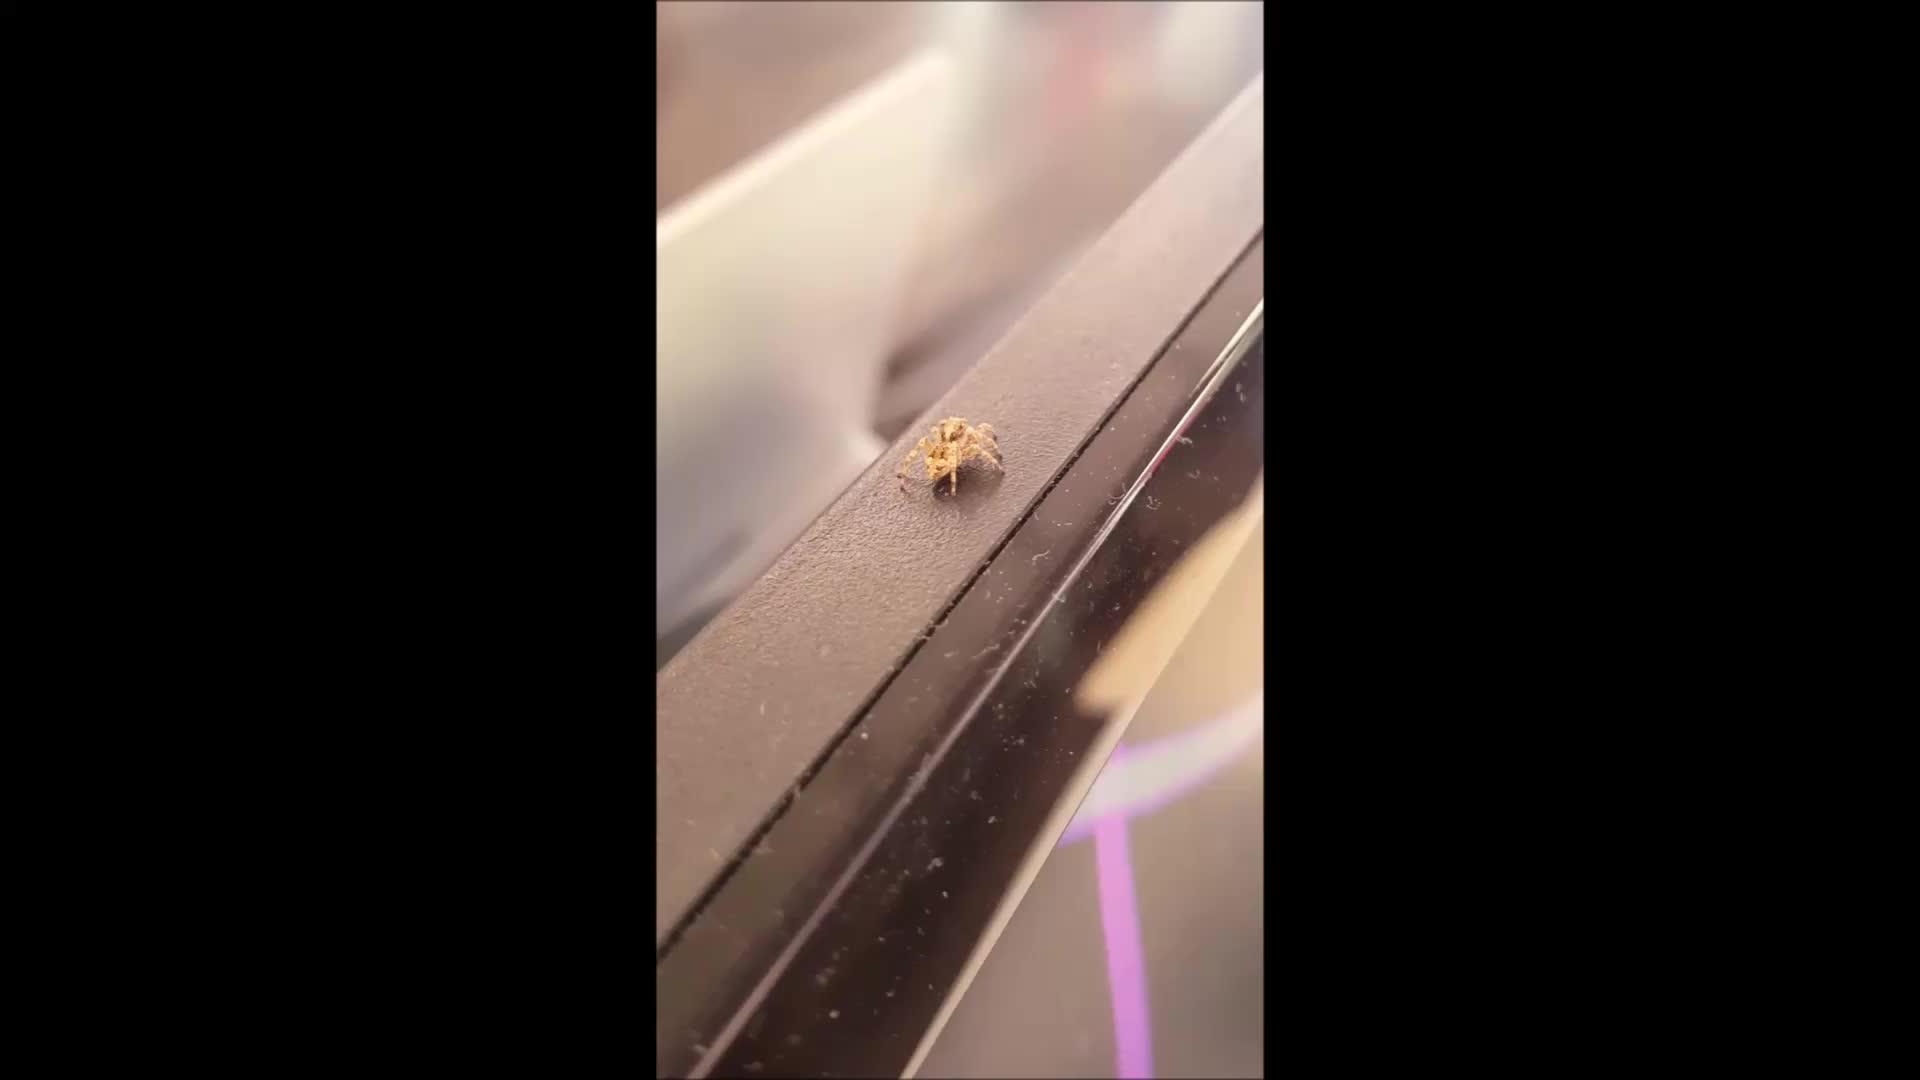 spiderbro, Cute spider bro GIFs